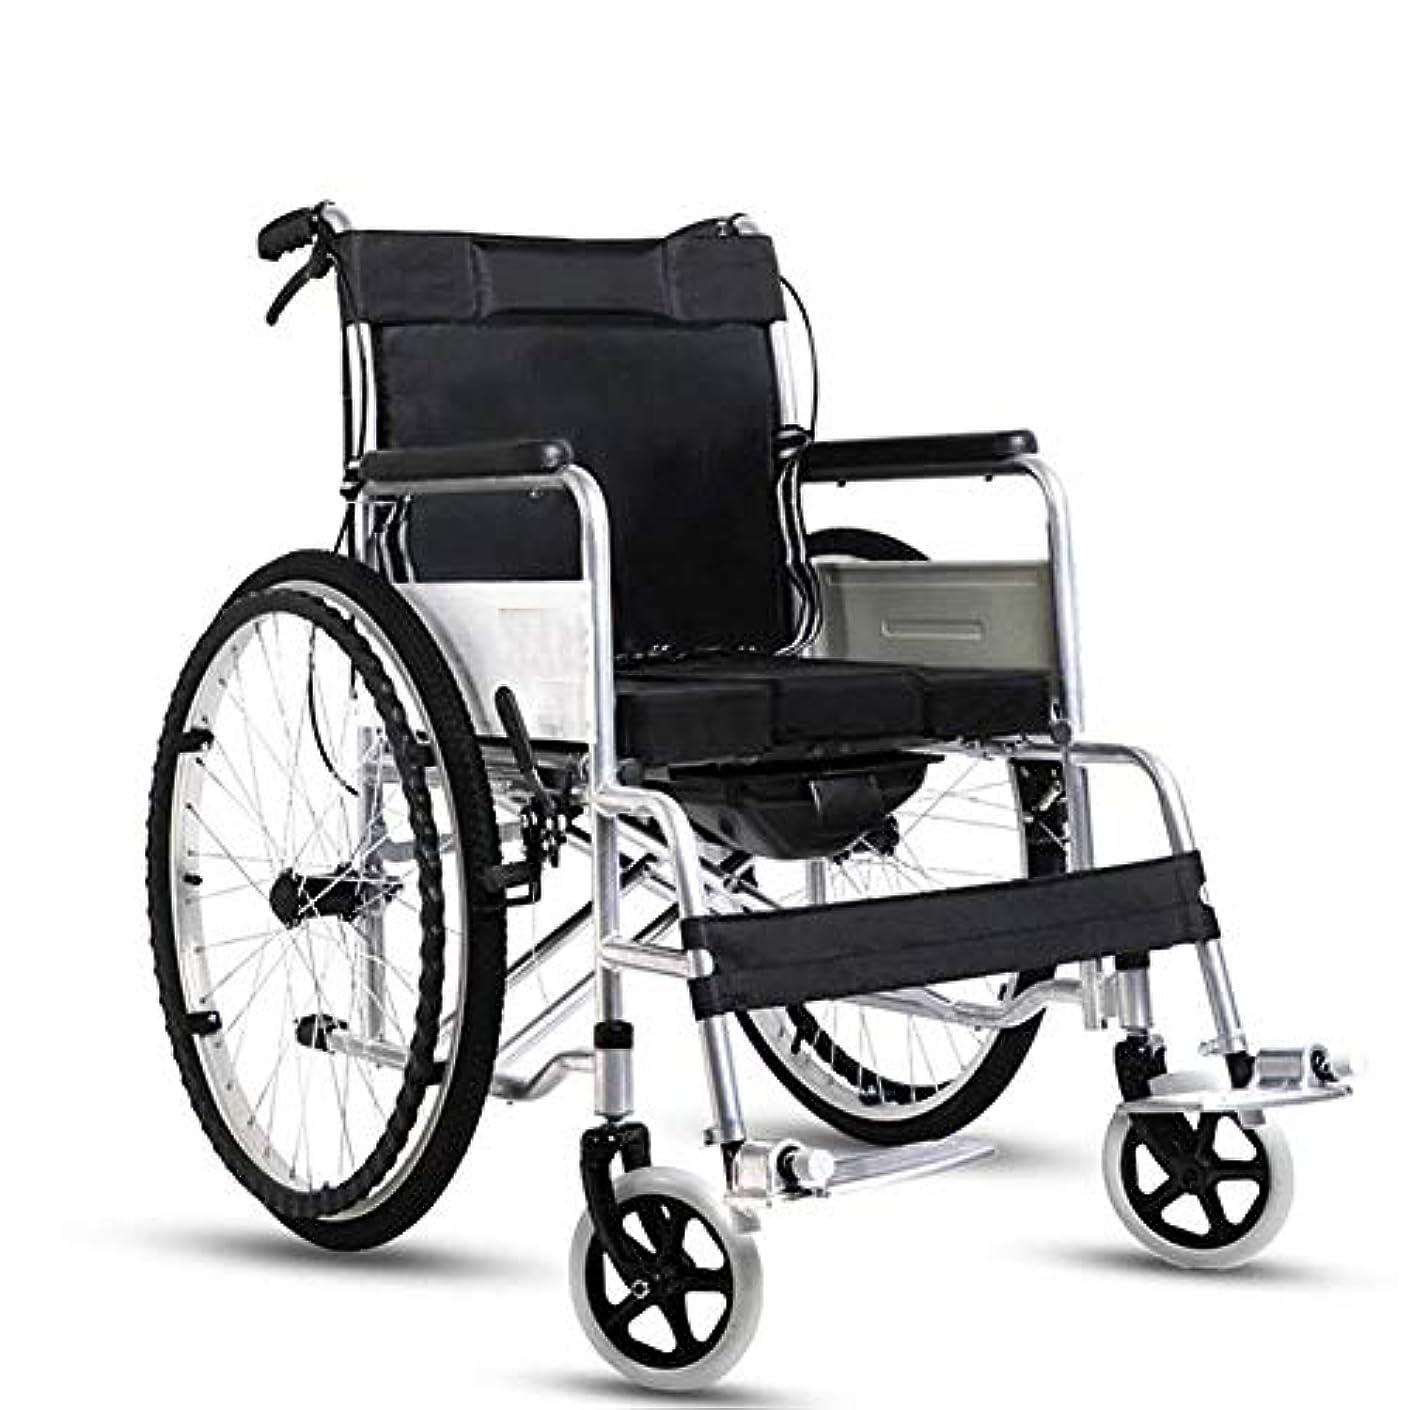 シェフ虐殺かろうじて高齢者と子供のためのポータブル折りたたみ旅行車椅子、超軽量輸送車椅子